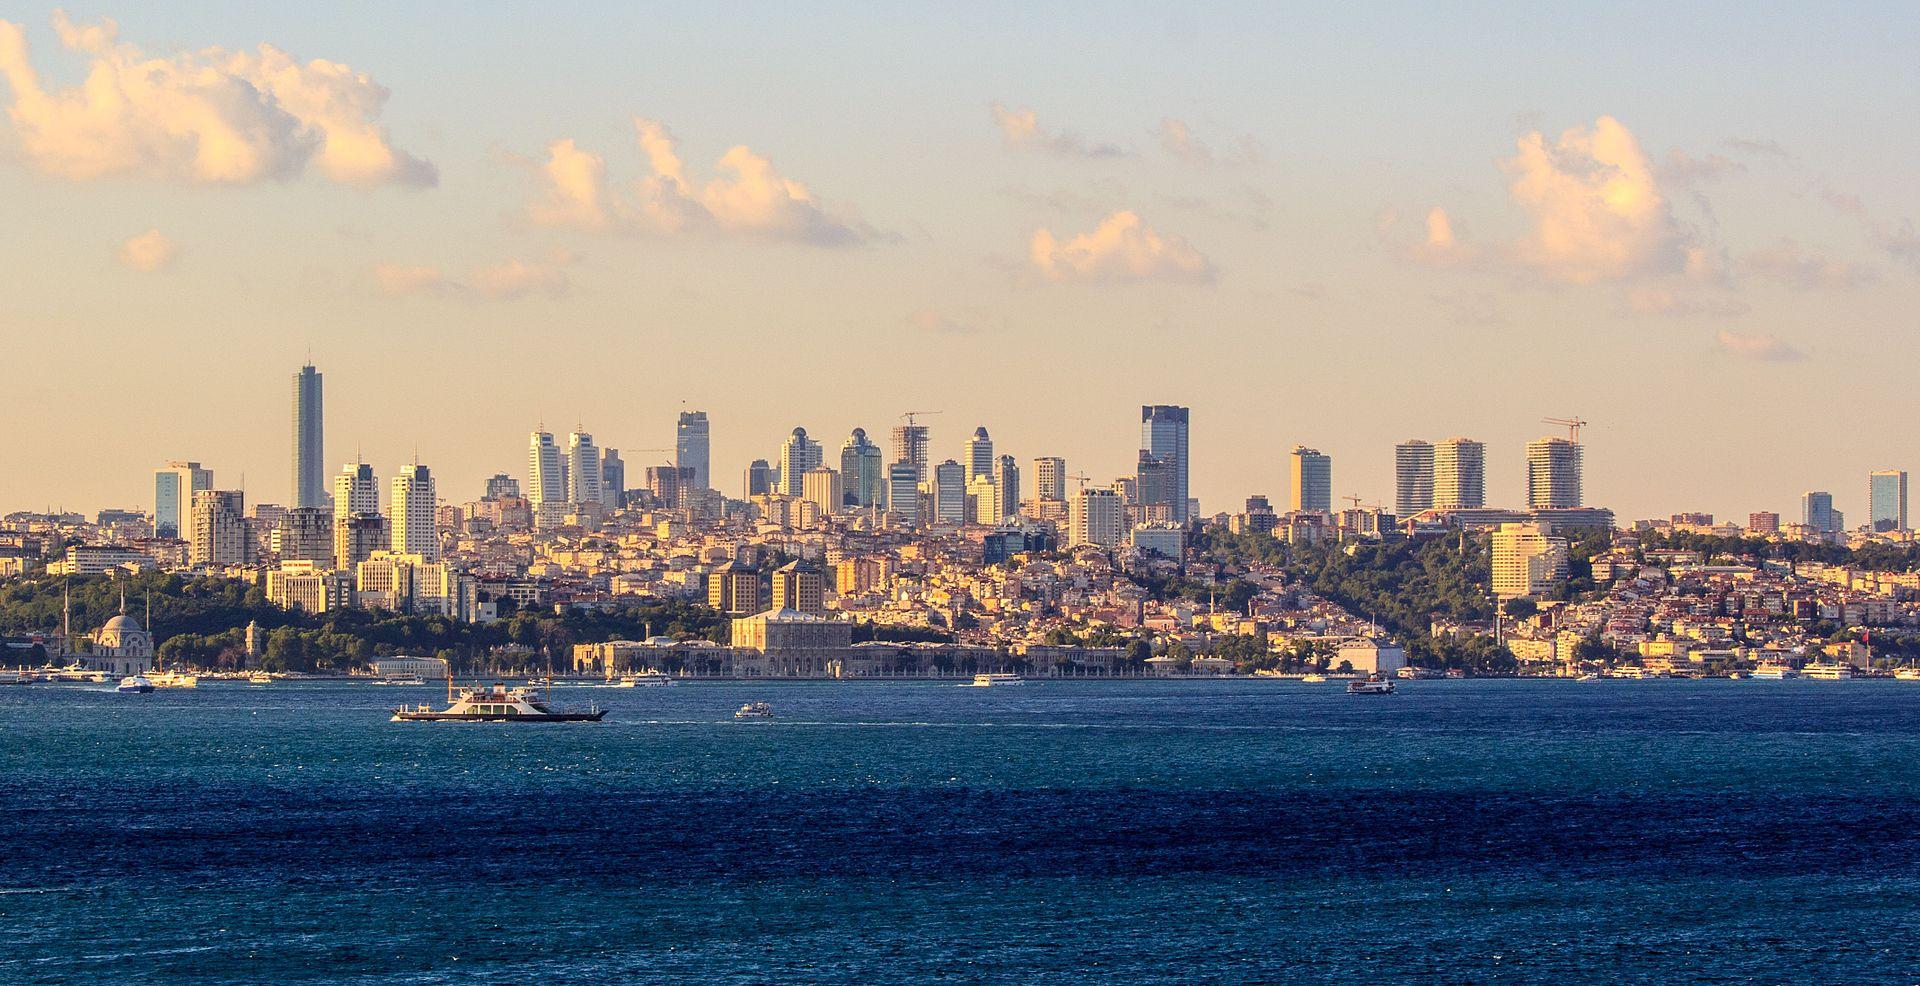 Istanbul skyline in 2012. Ben Morlok photo via Wikipedia